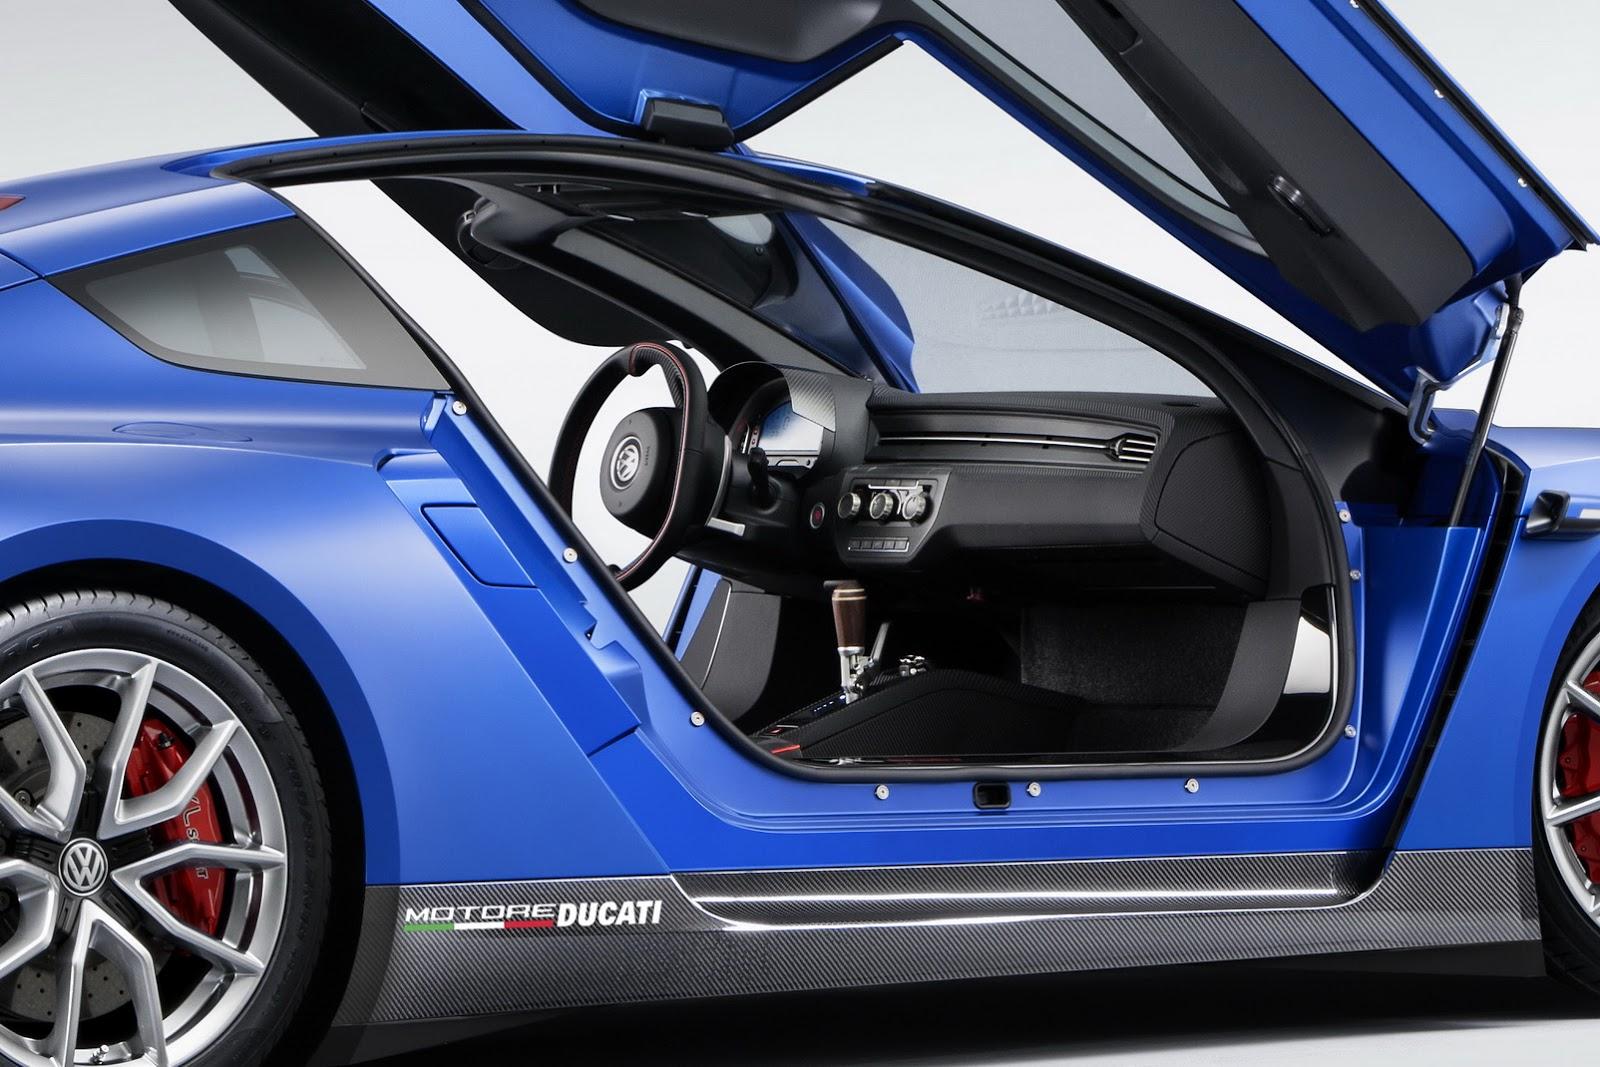 Nội thất của xe cũng được nâng cấp toàn diện, có thiết kế thể thao và mang tính cá nhân hóa cao